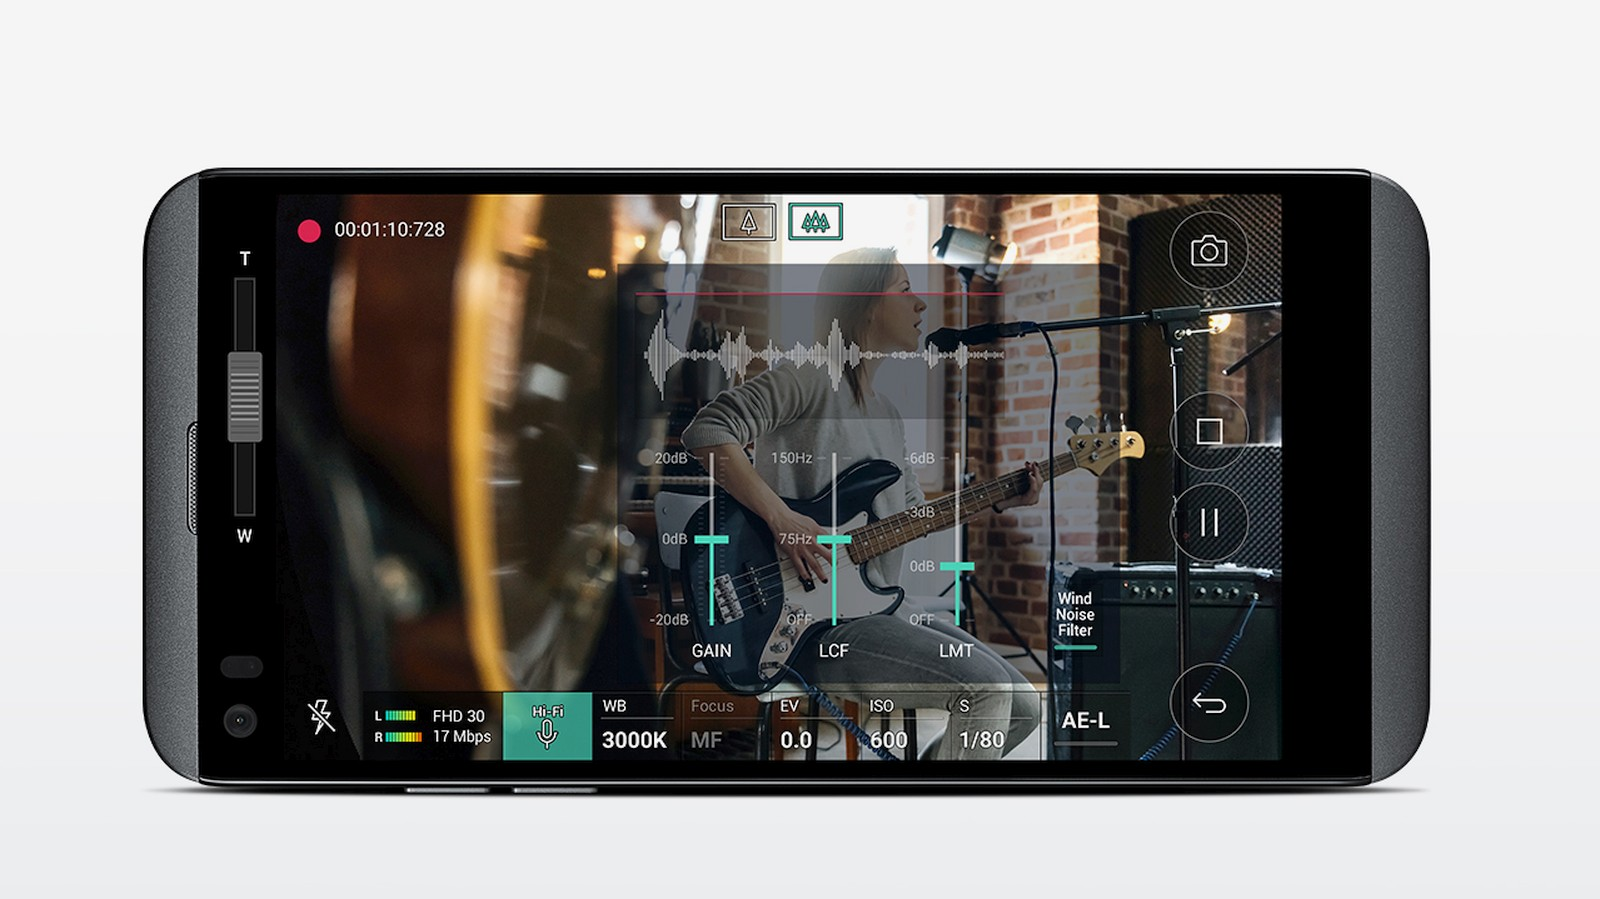 e88edc9b9e ... teraz prinášame kompletné špecifikácie a dostupnosť. Výkonný smartfón  prináša sekundárny displej